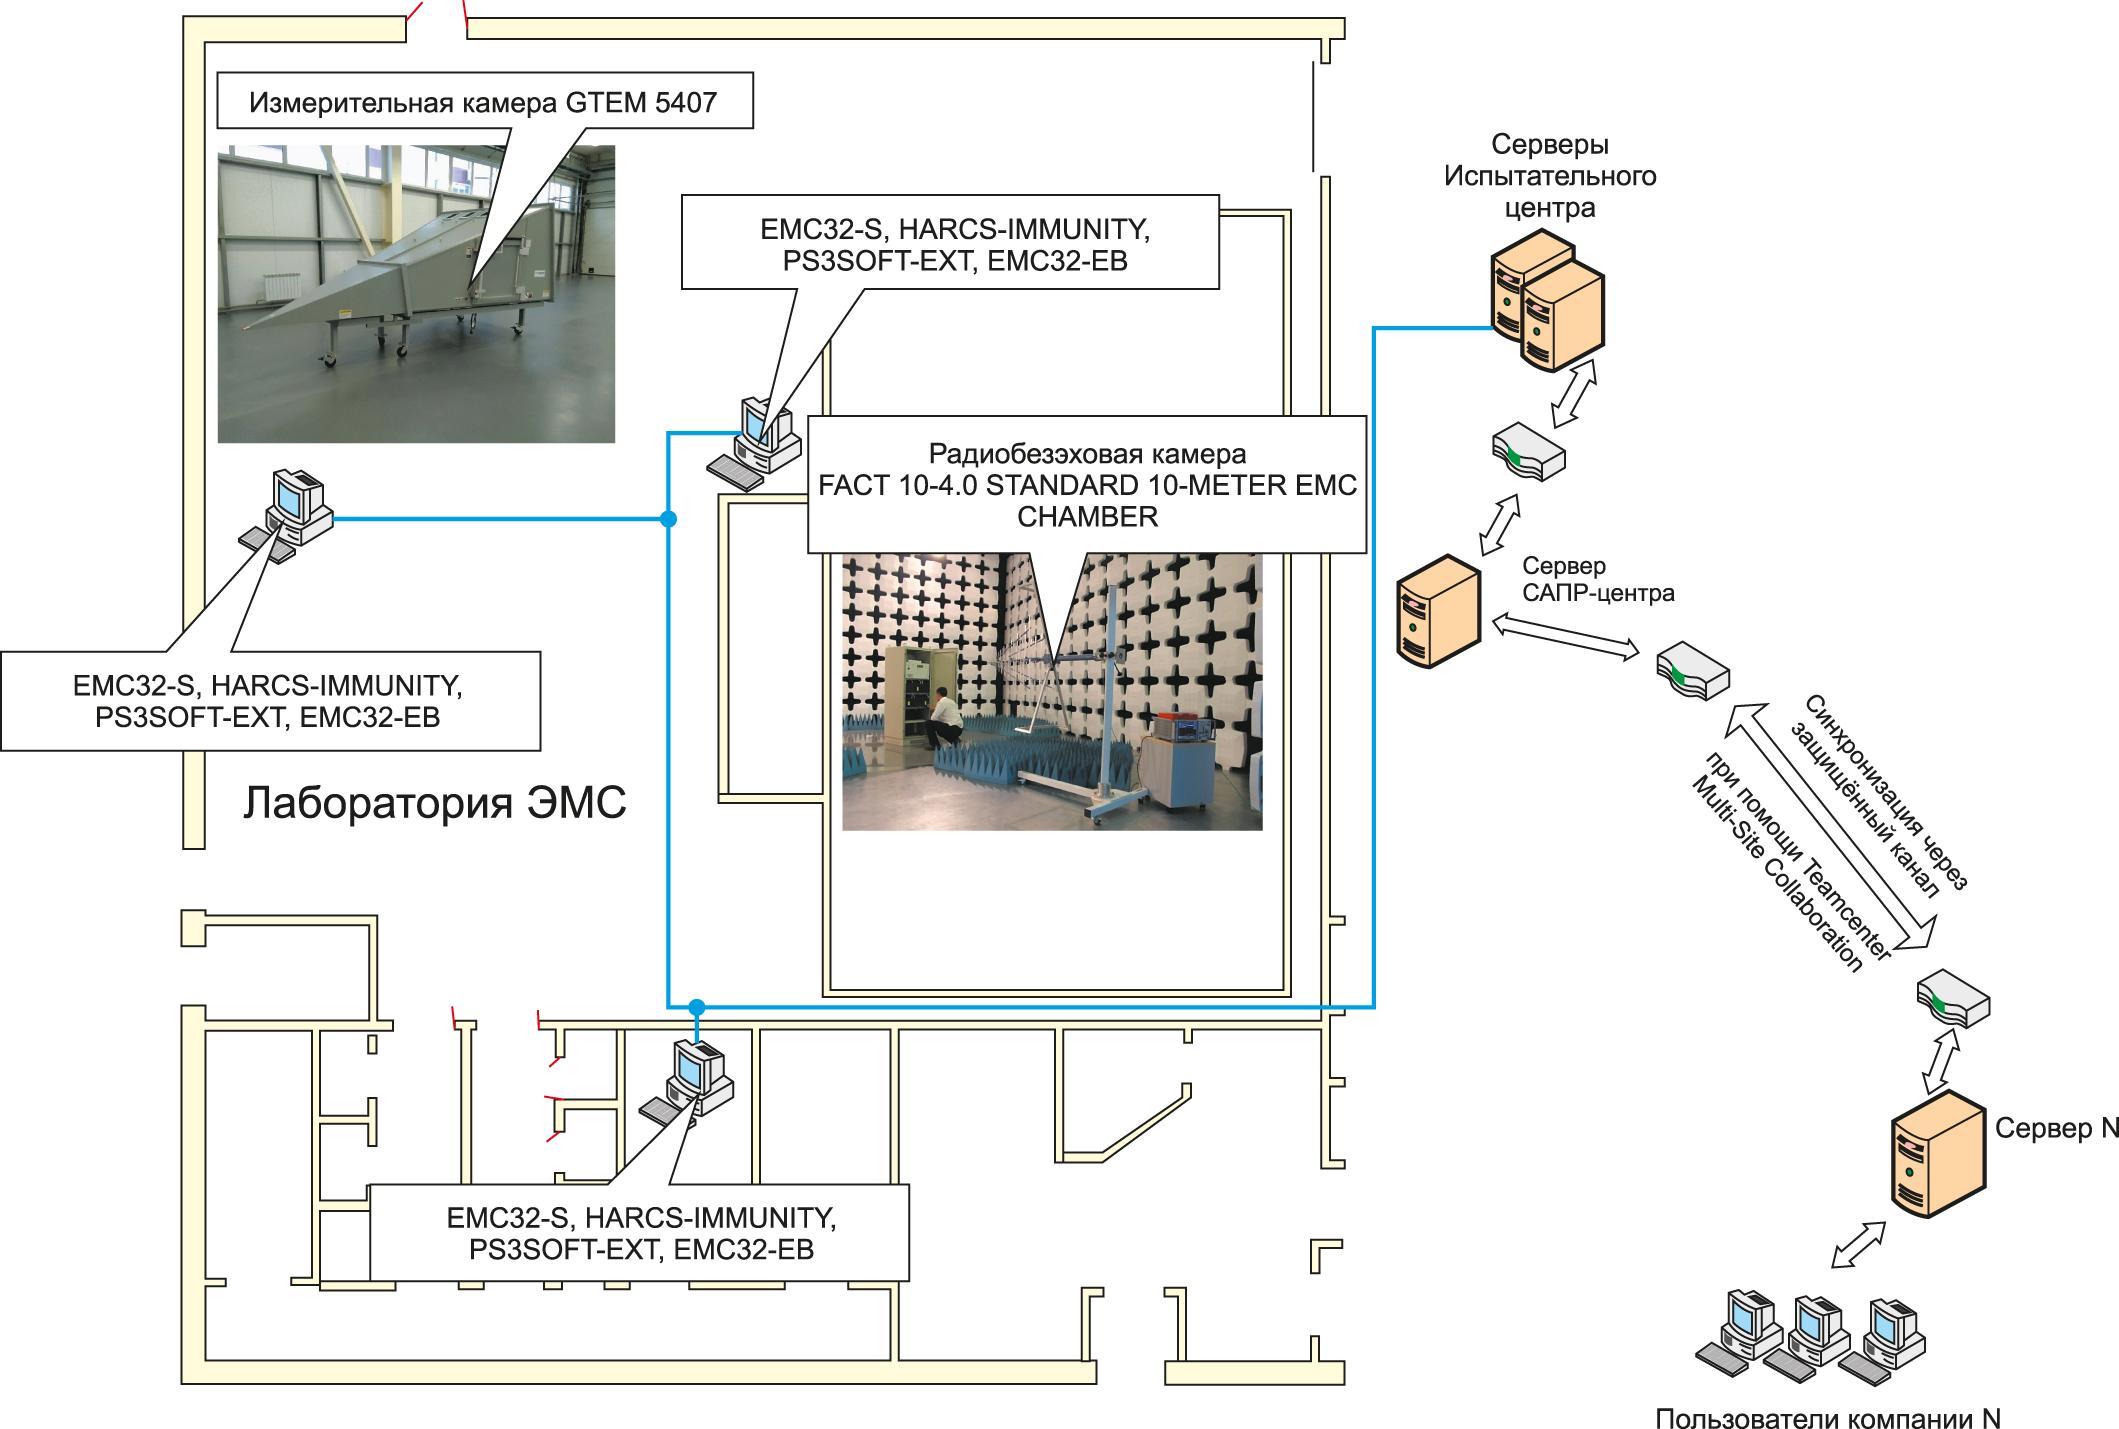 Схема развертывания автоматизированной системы испытаний по ЭМС на плане помещений ЦПИ